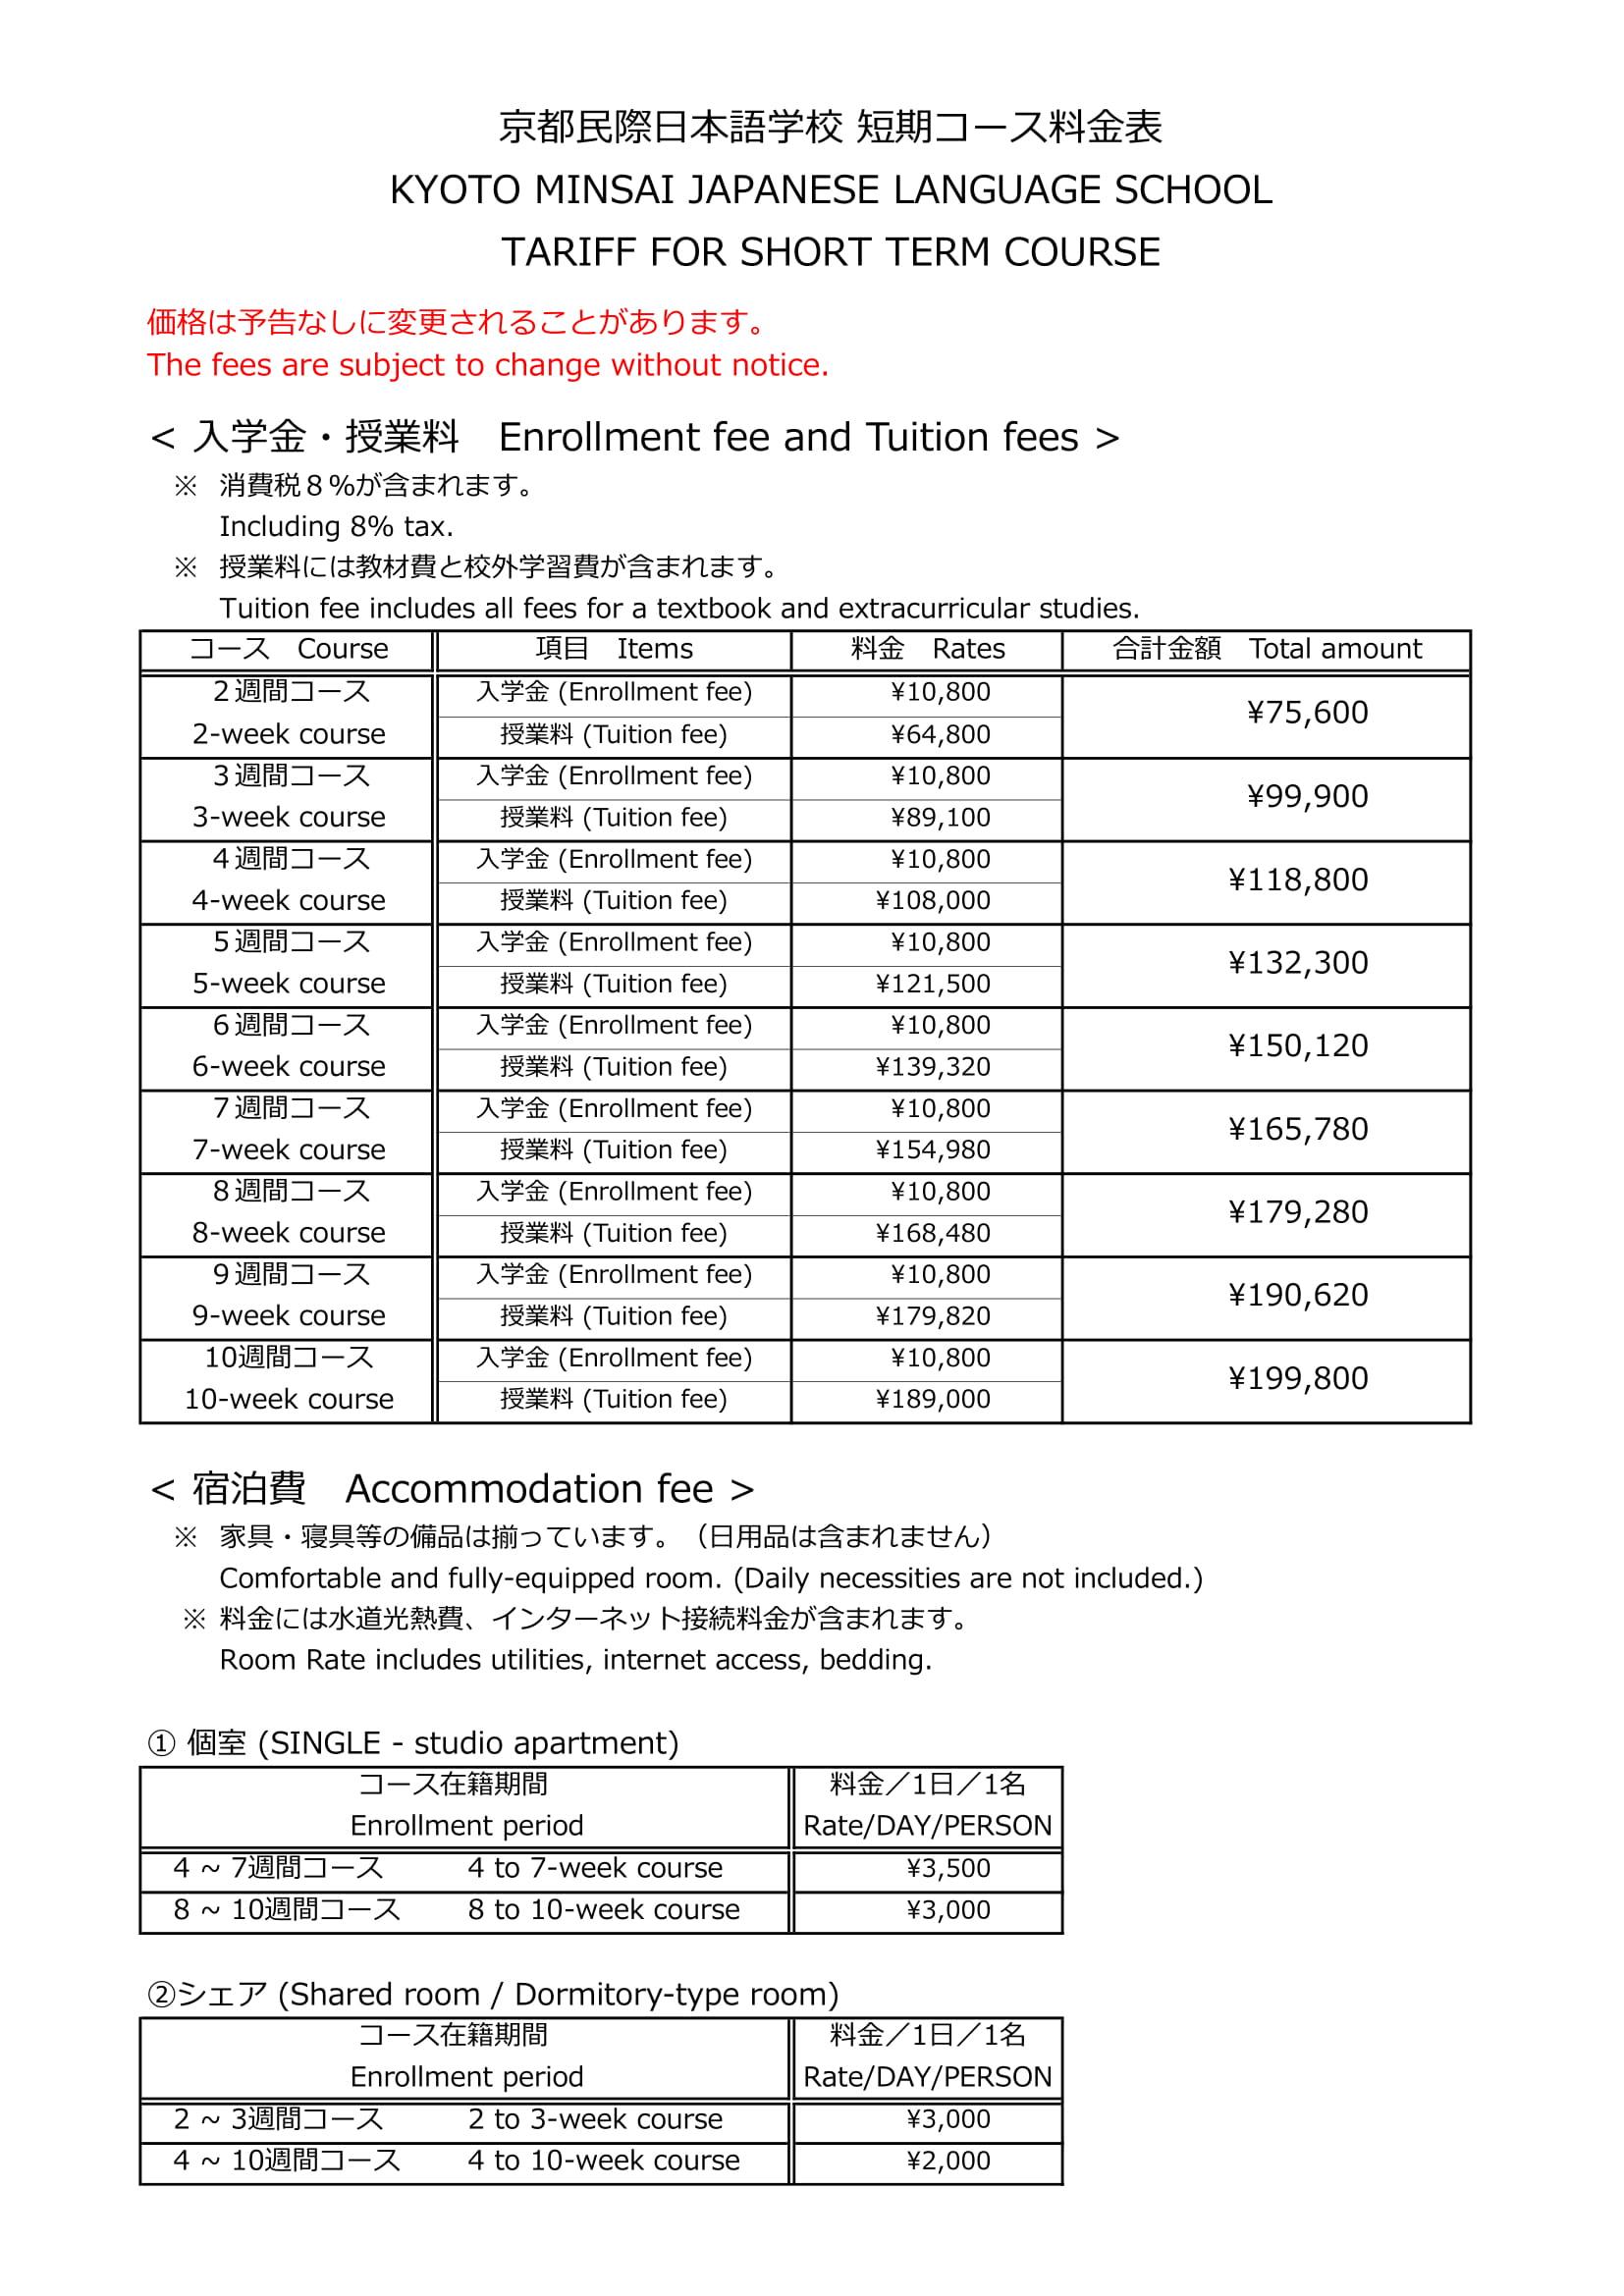 http://www.kyotominsai.co.jp/mblog/uploadimg/PRICE_Short-Term%20Course_%E7%9F%AD%E6%9C%9F%E6%96%99%E9%87%91%E8%A1%A8.jpg